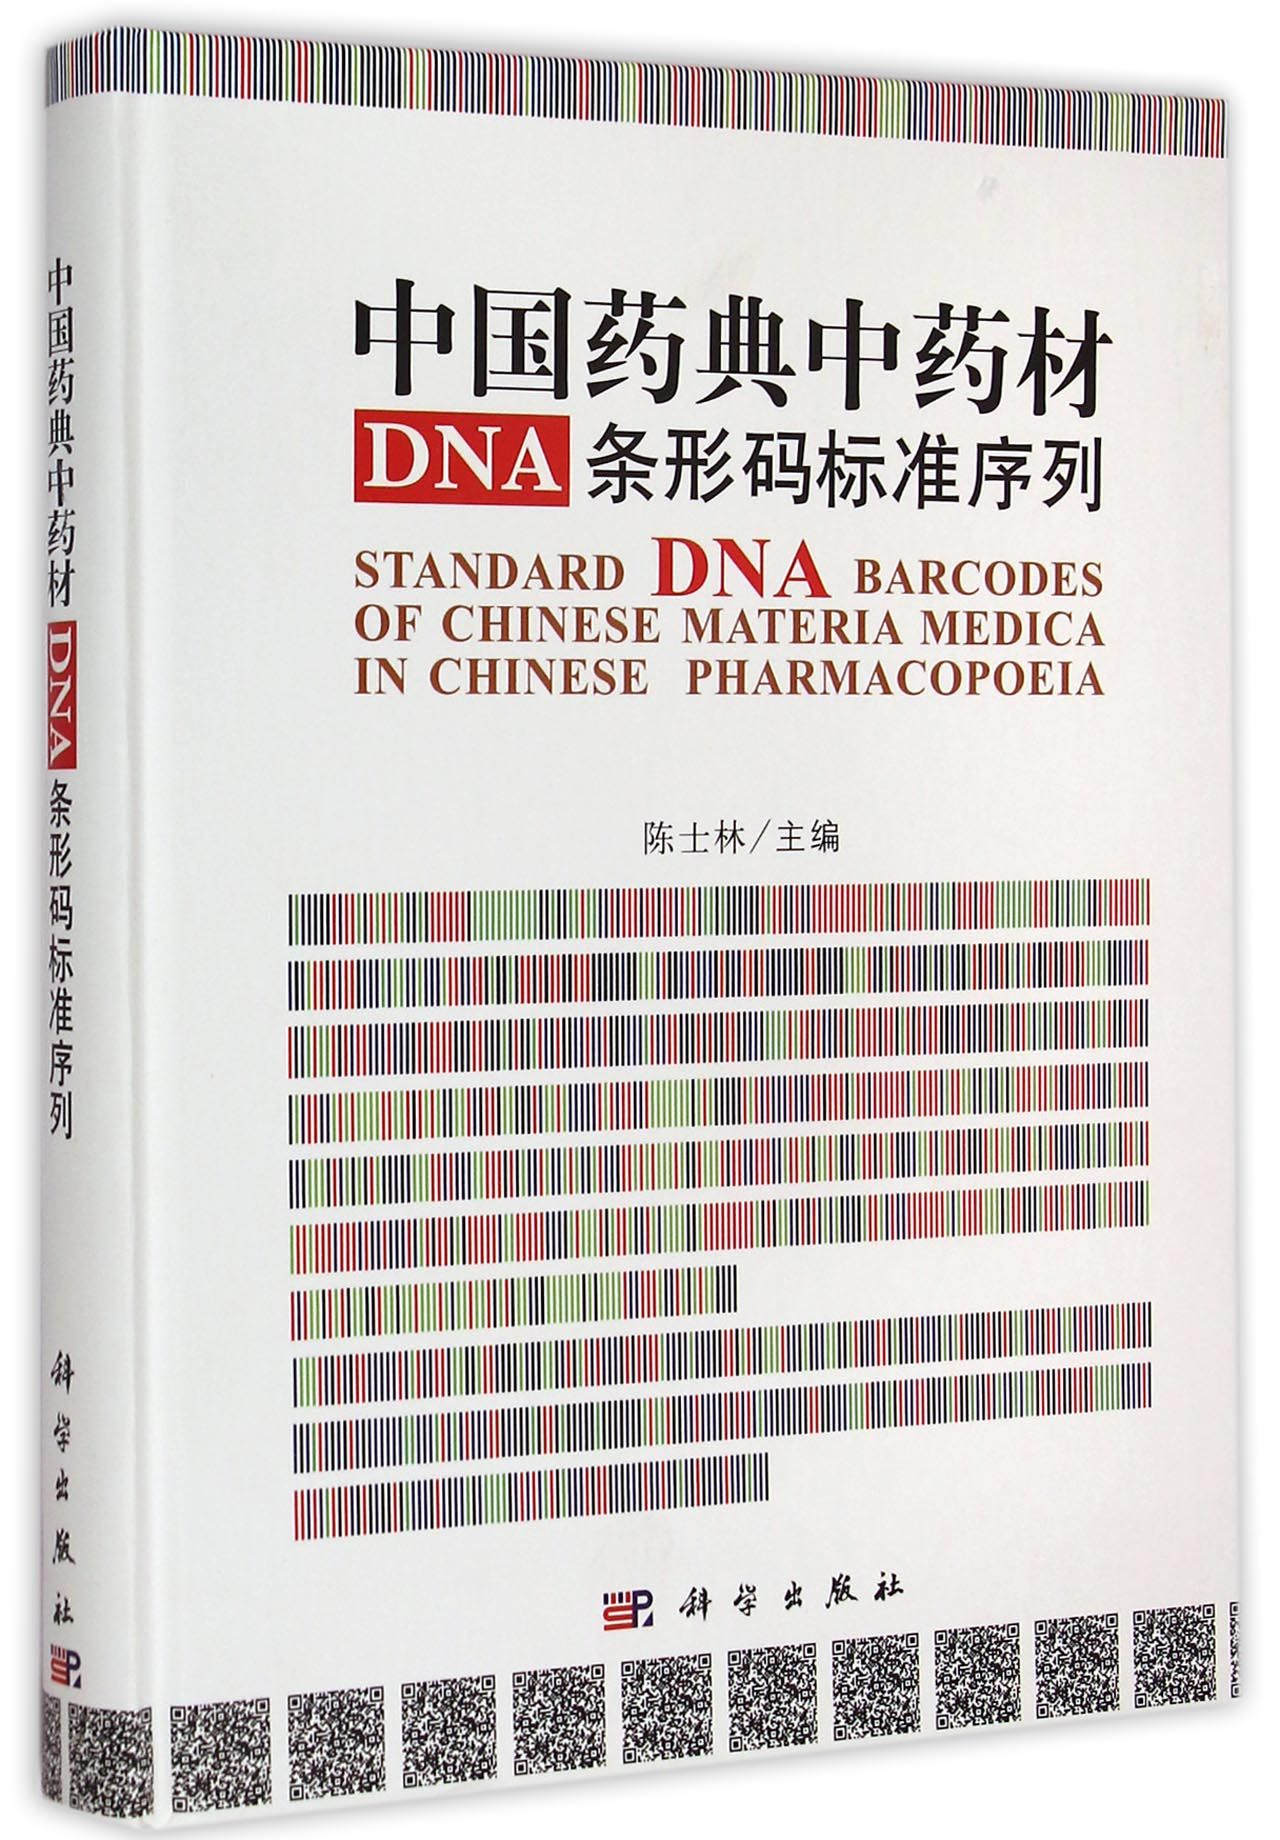 中国药典中药材dna条形码标准序列(精)-云书网